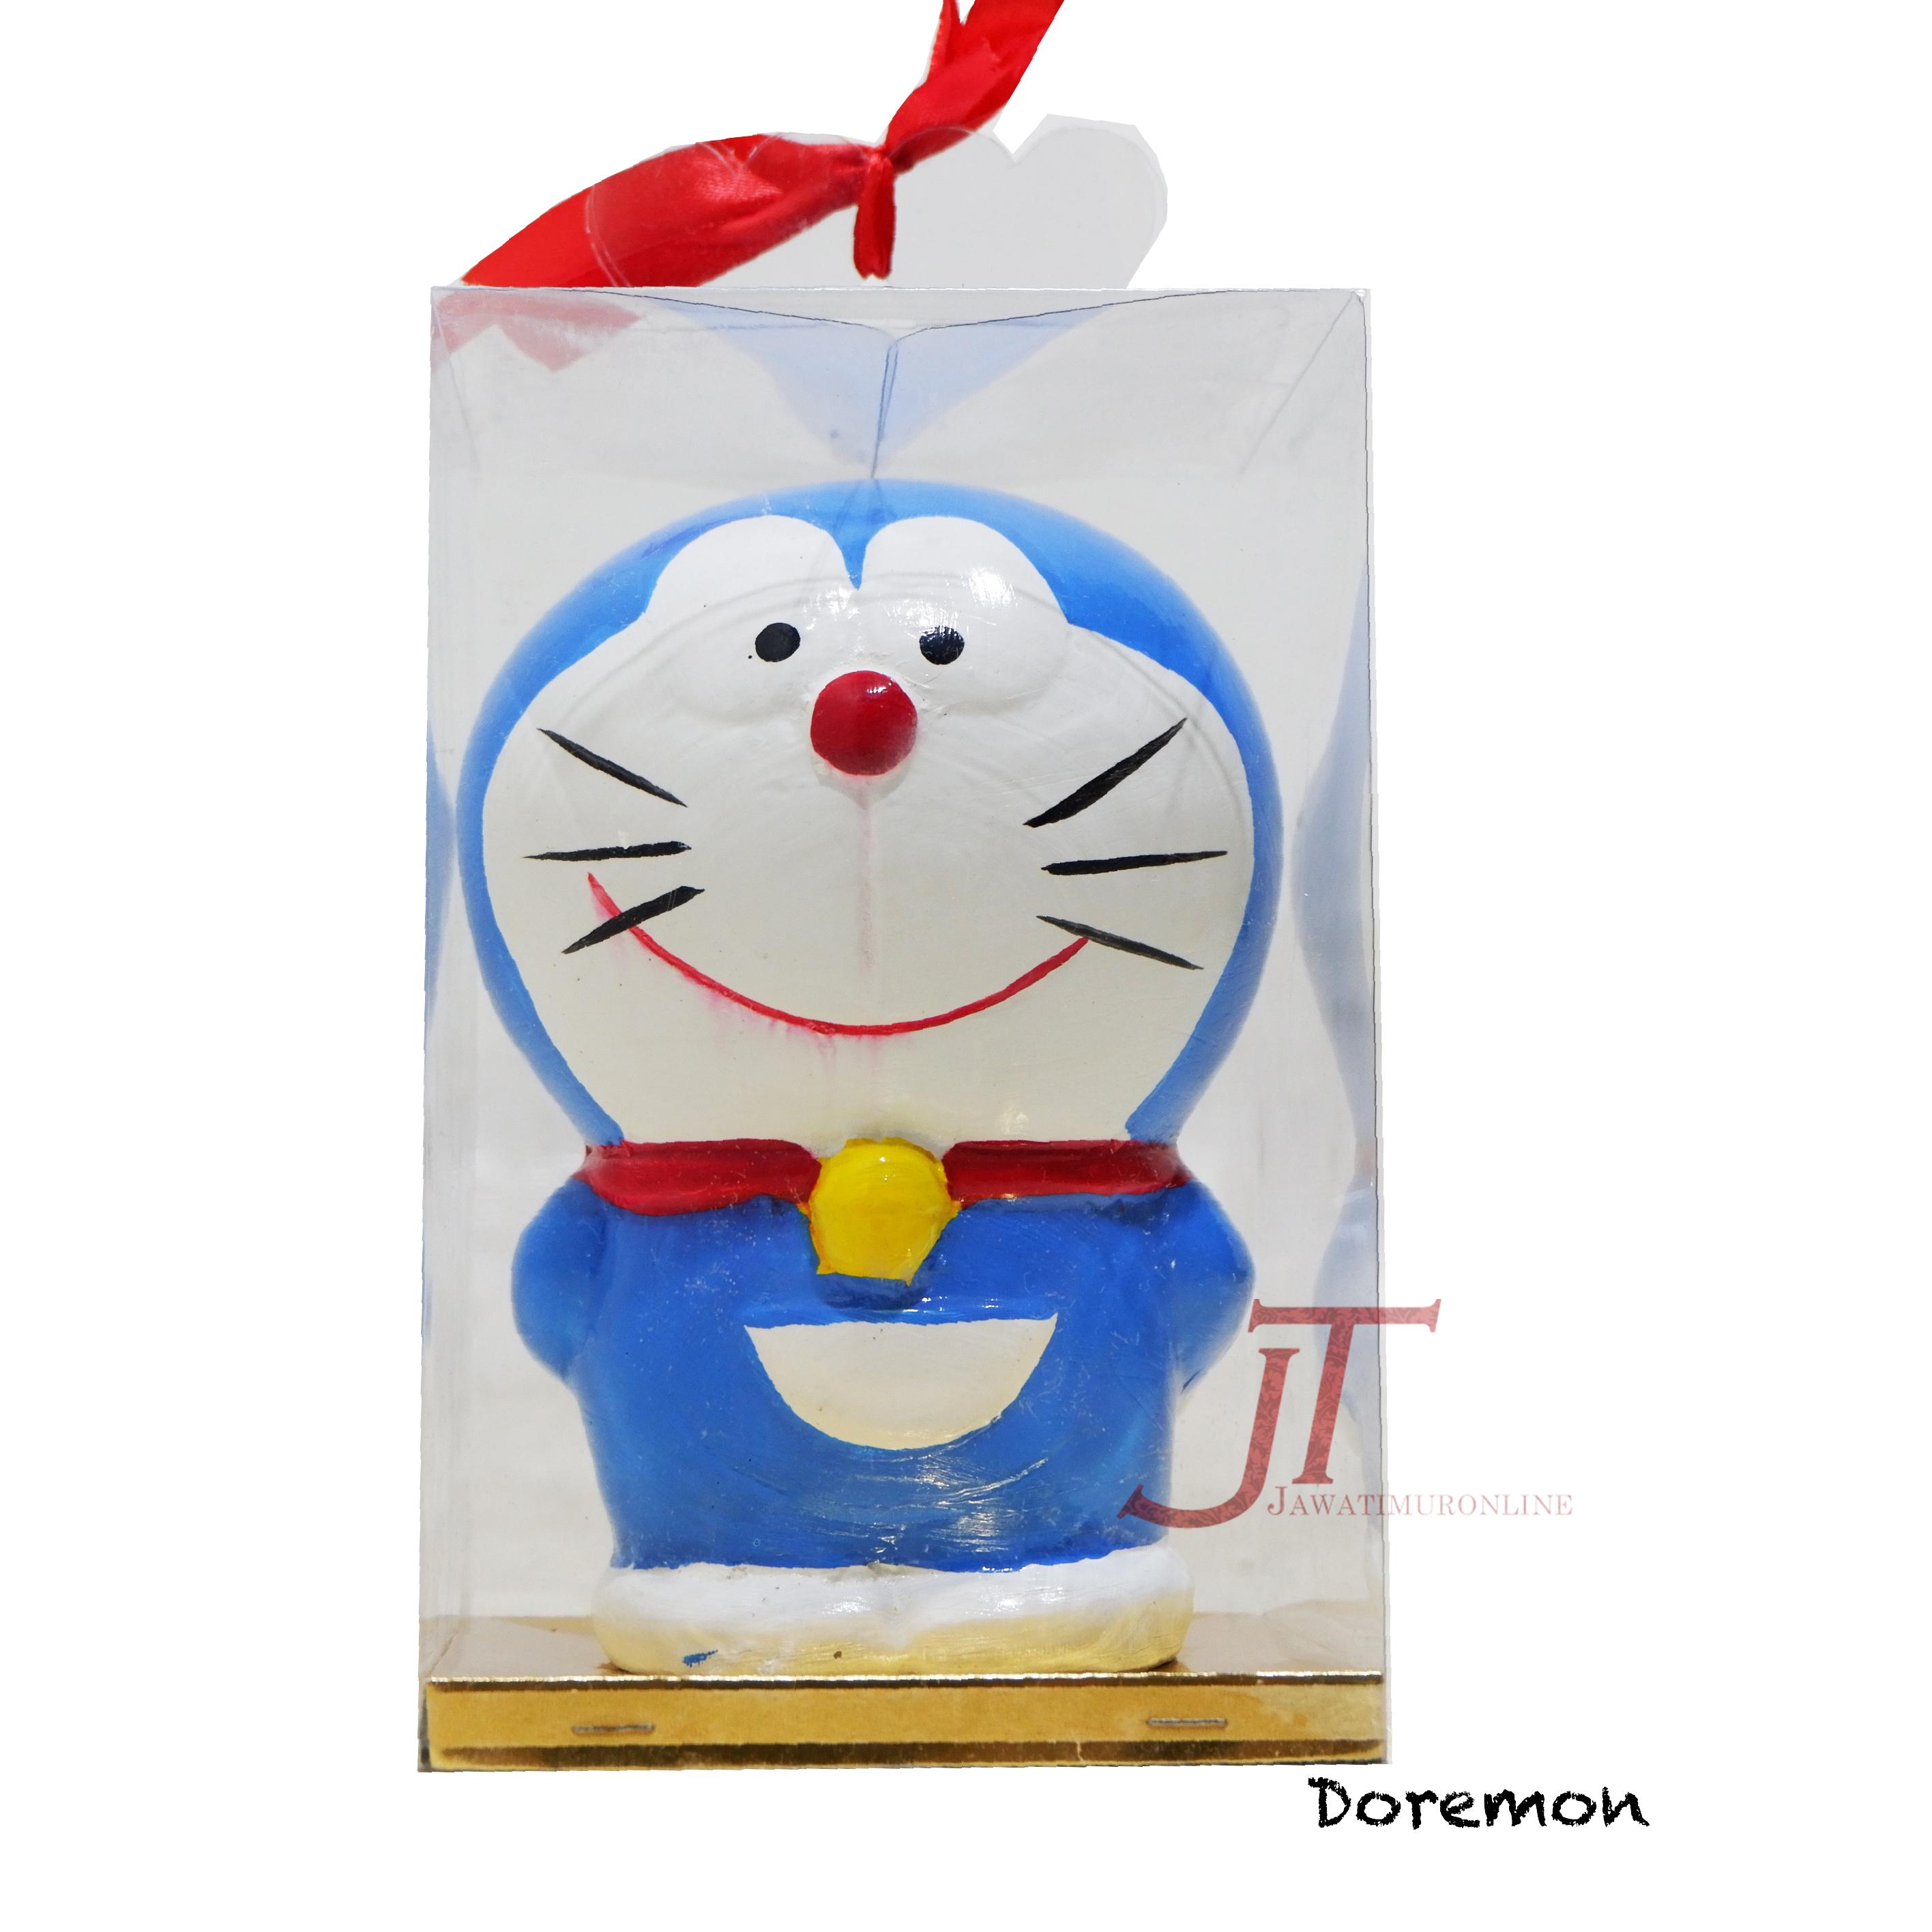 Celengan Karakter Lucu Doraemon Souvenier Ulang Tahun Dan Pesta